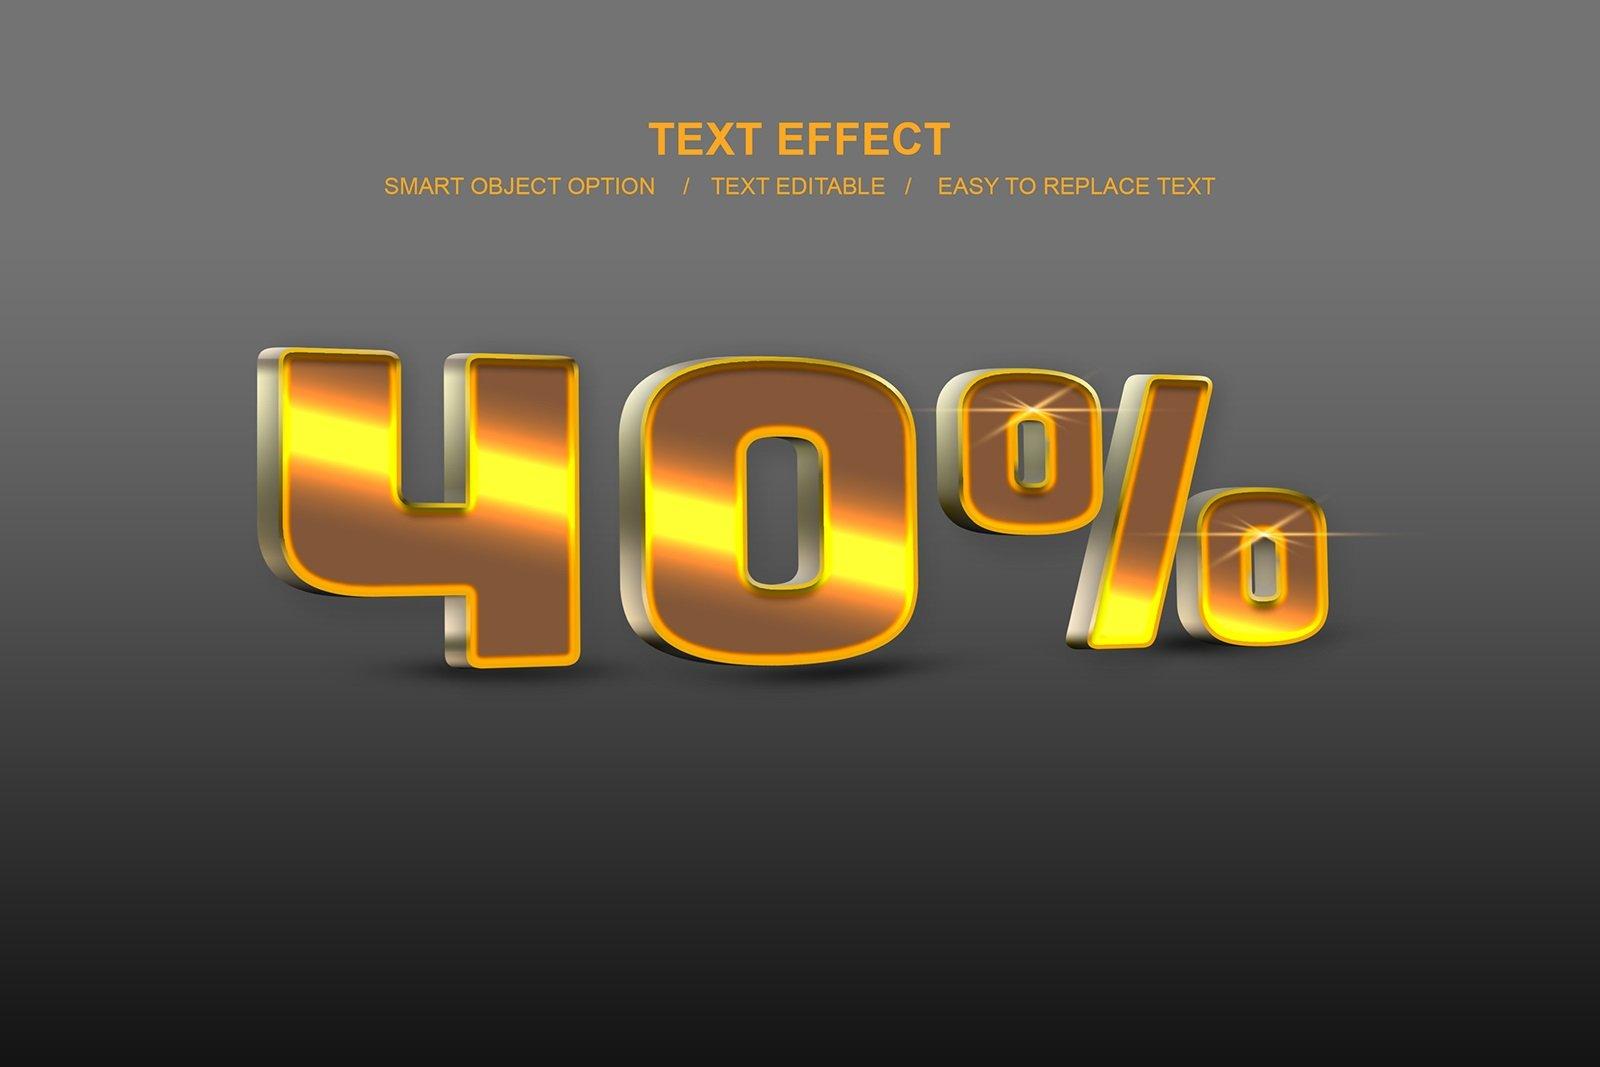 30款故障金属3D立体标题字体设计PS样式模板素材 Photoshop Layer Style Bundle插图(14)